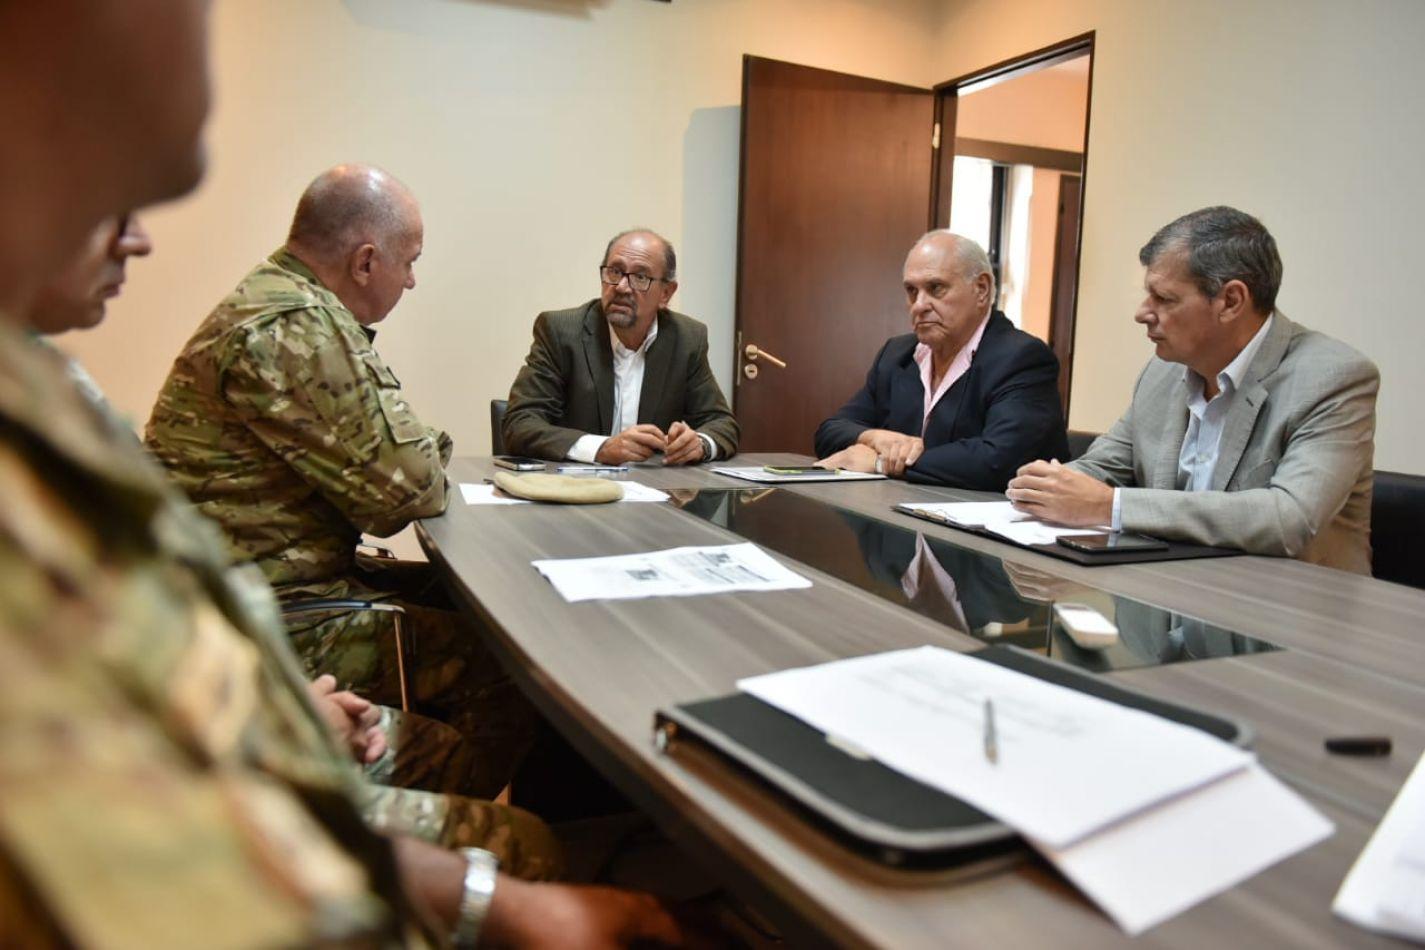 Reunión con autoridades del ejército